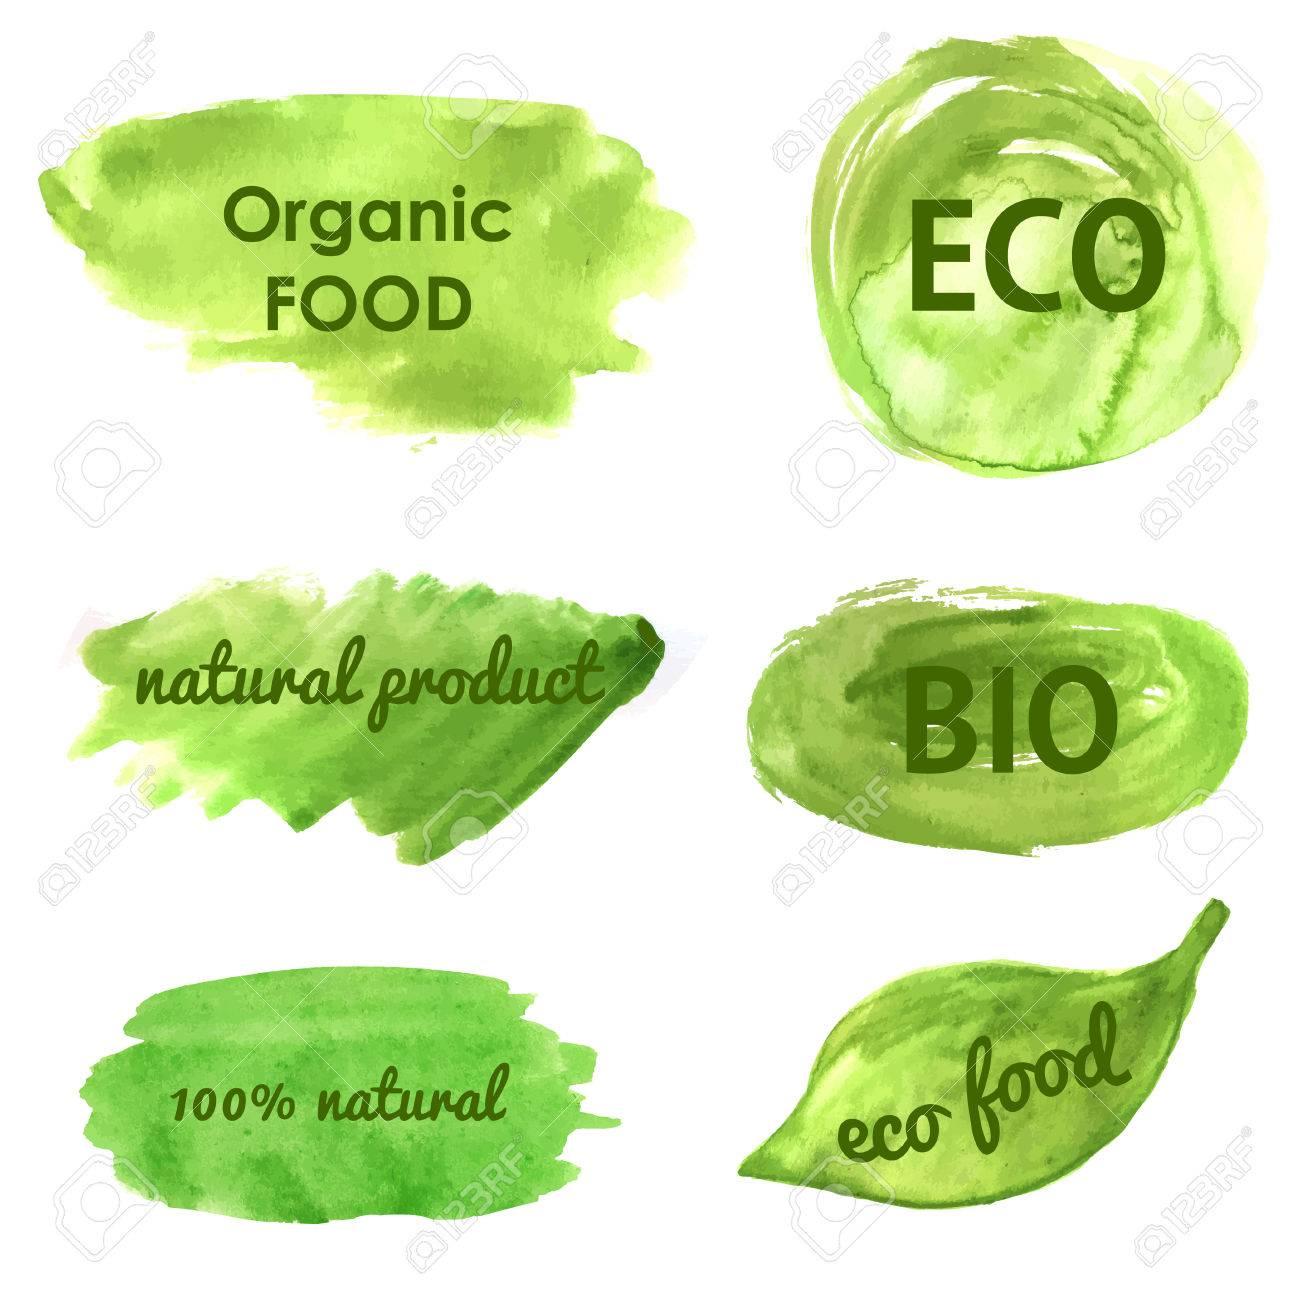 Banderas Ecológicas Y La Naturaleza Ir Verde Comida Saludable Orgánica Eco Bio Frases En Acuarela Pintada Banderas Verdes Y Fondos